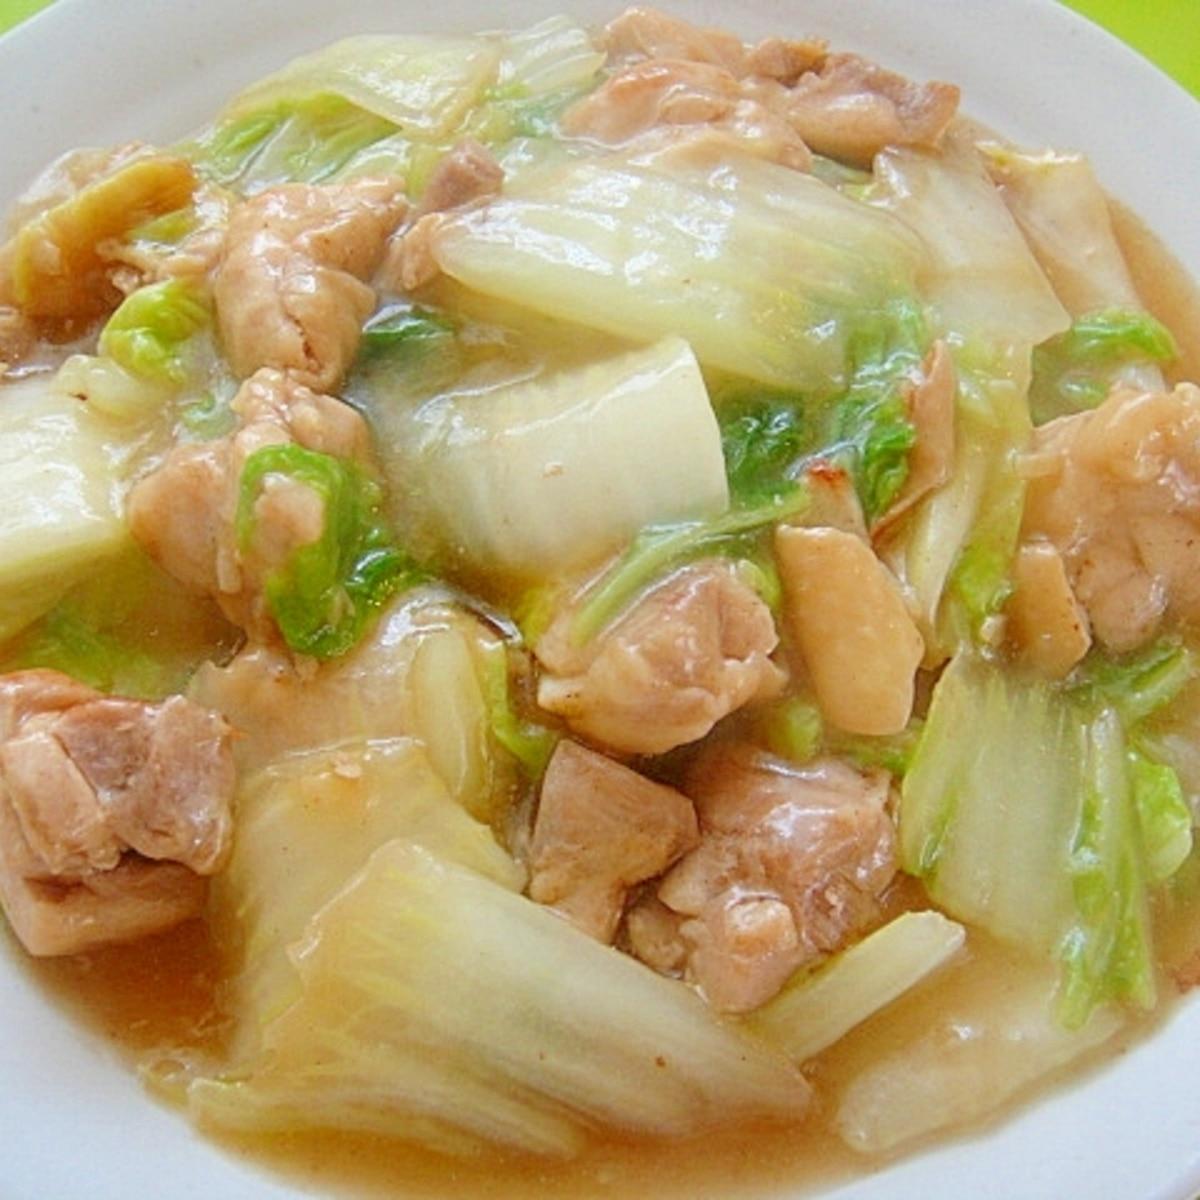 鳥 もも肉 白菜 鶏肉と白菜の人気レシピランキング|楽天レシピ